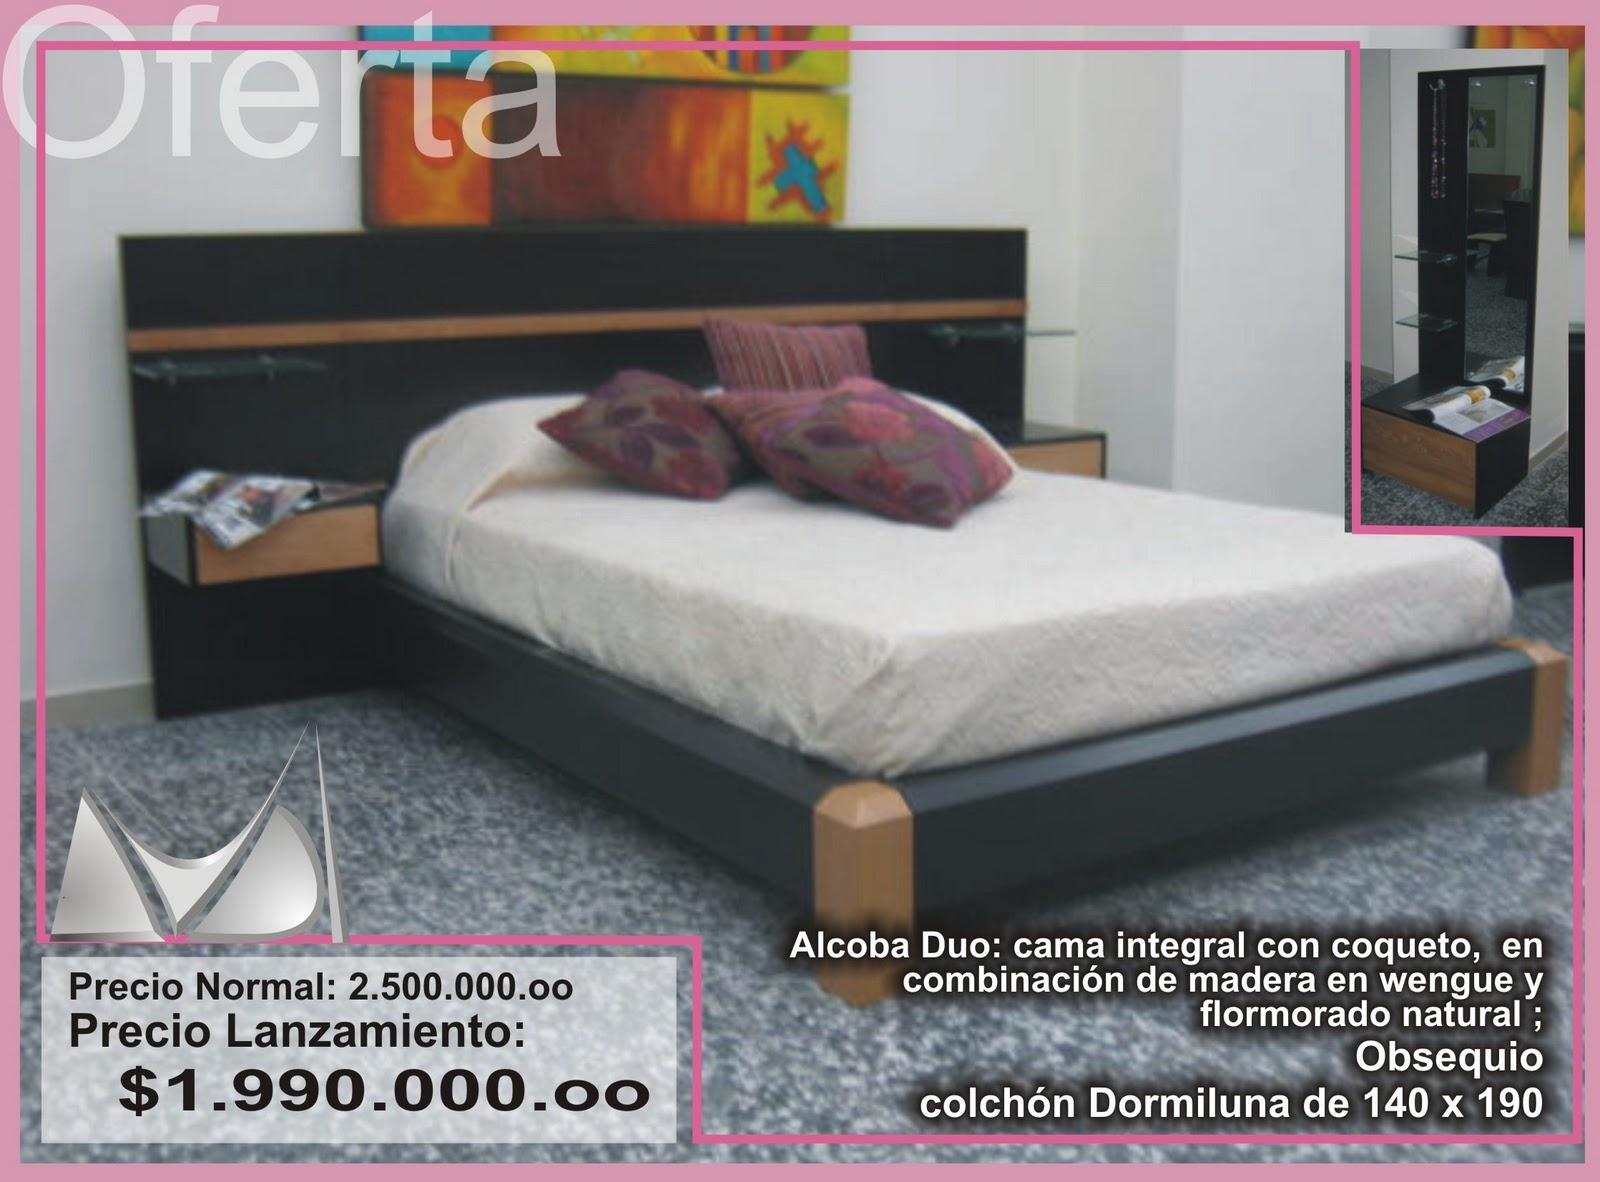 Konzeptos Muebles Dise O Decoraci N Octubre 2010 # Muebles Juegos De Alcoba